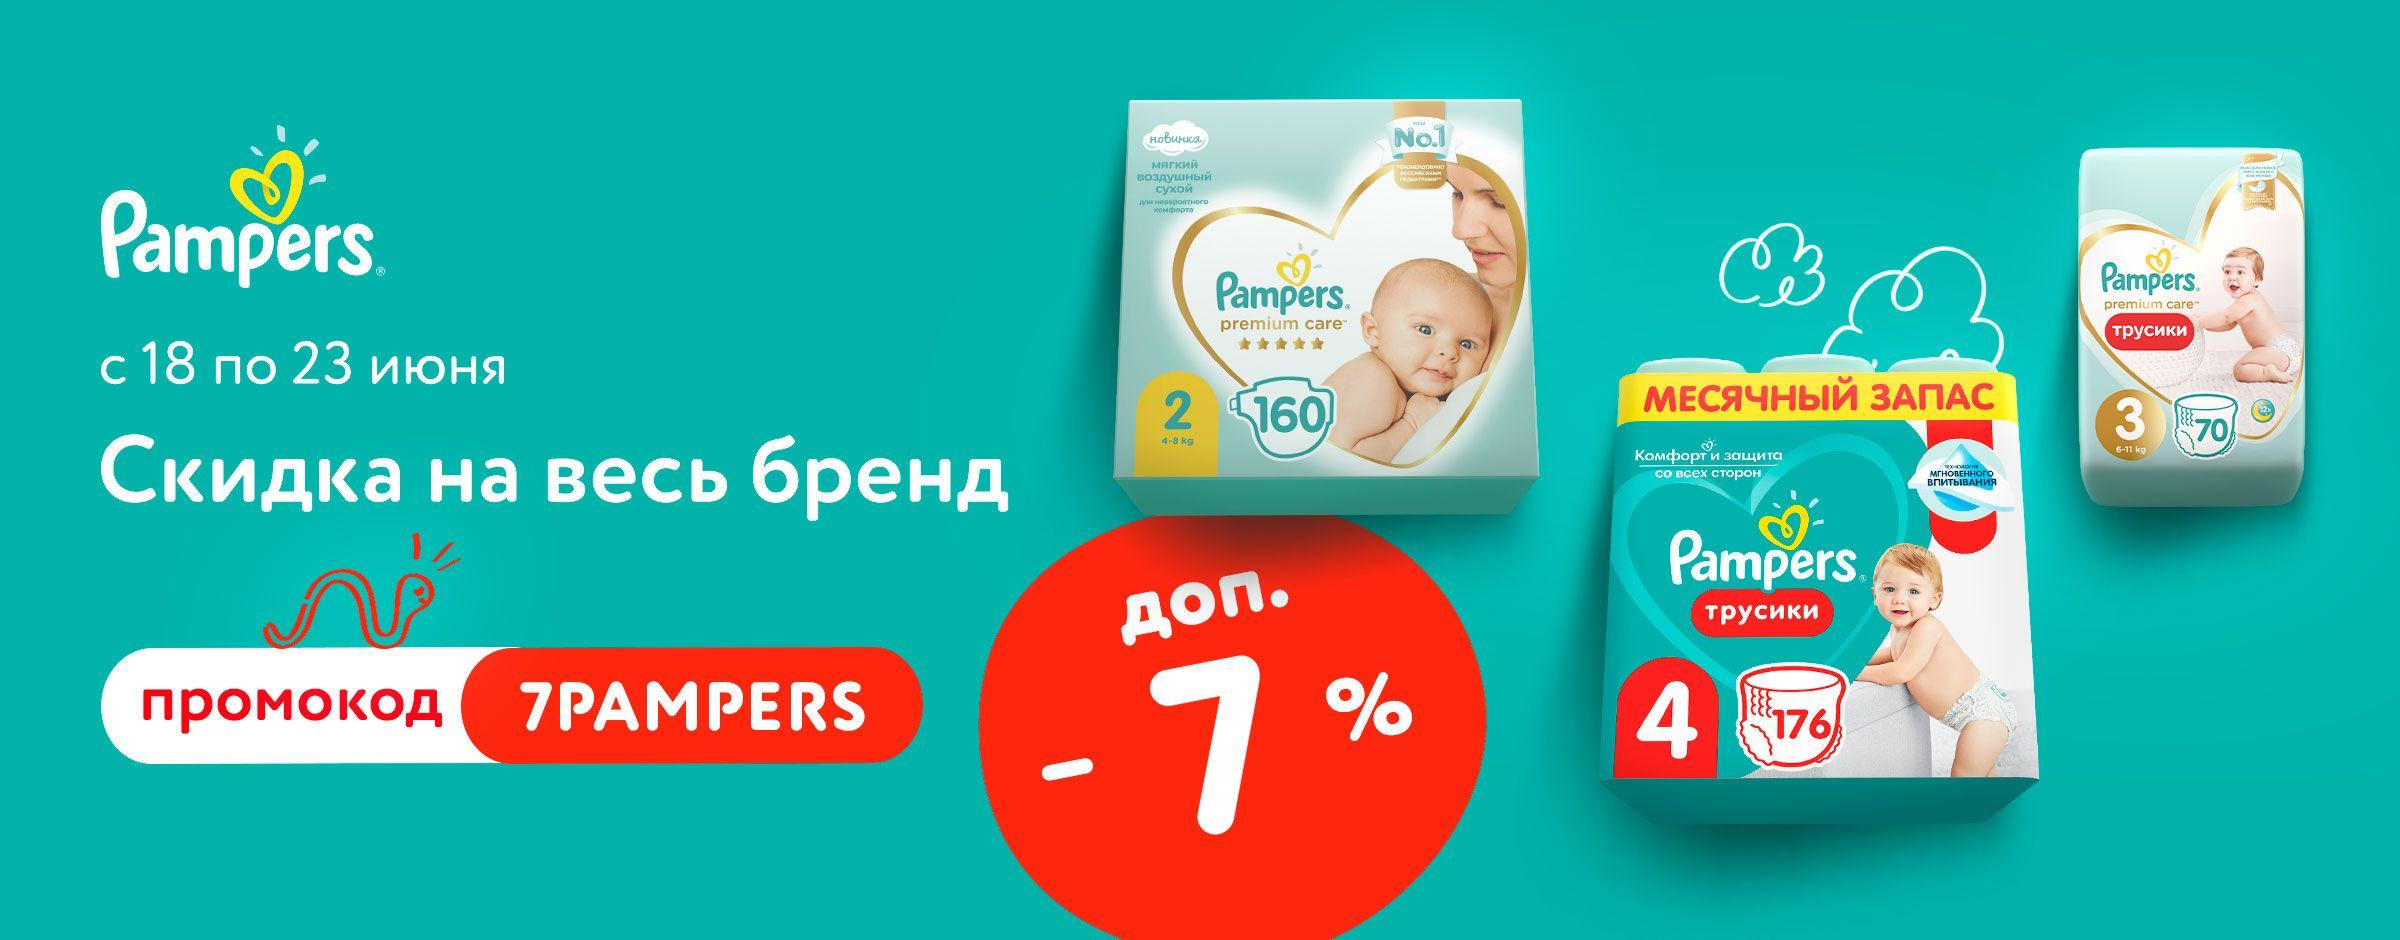 7% на Pampers по промокоду 7Pampers карусель